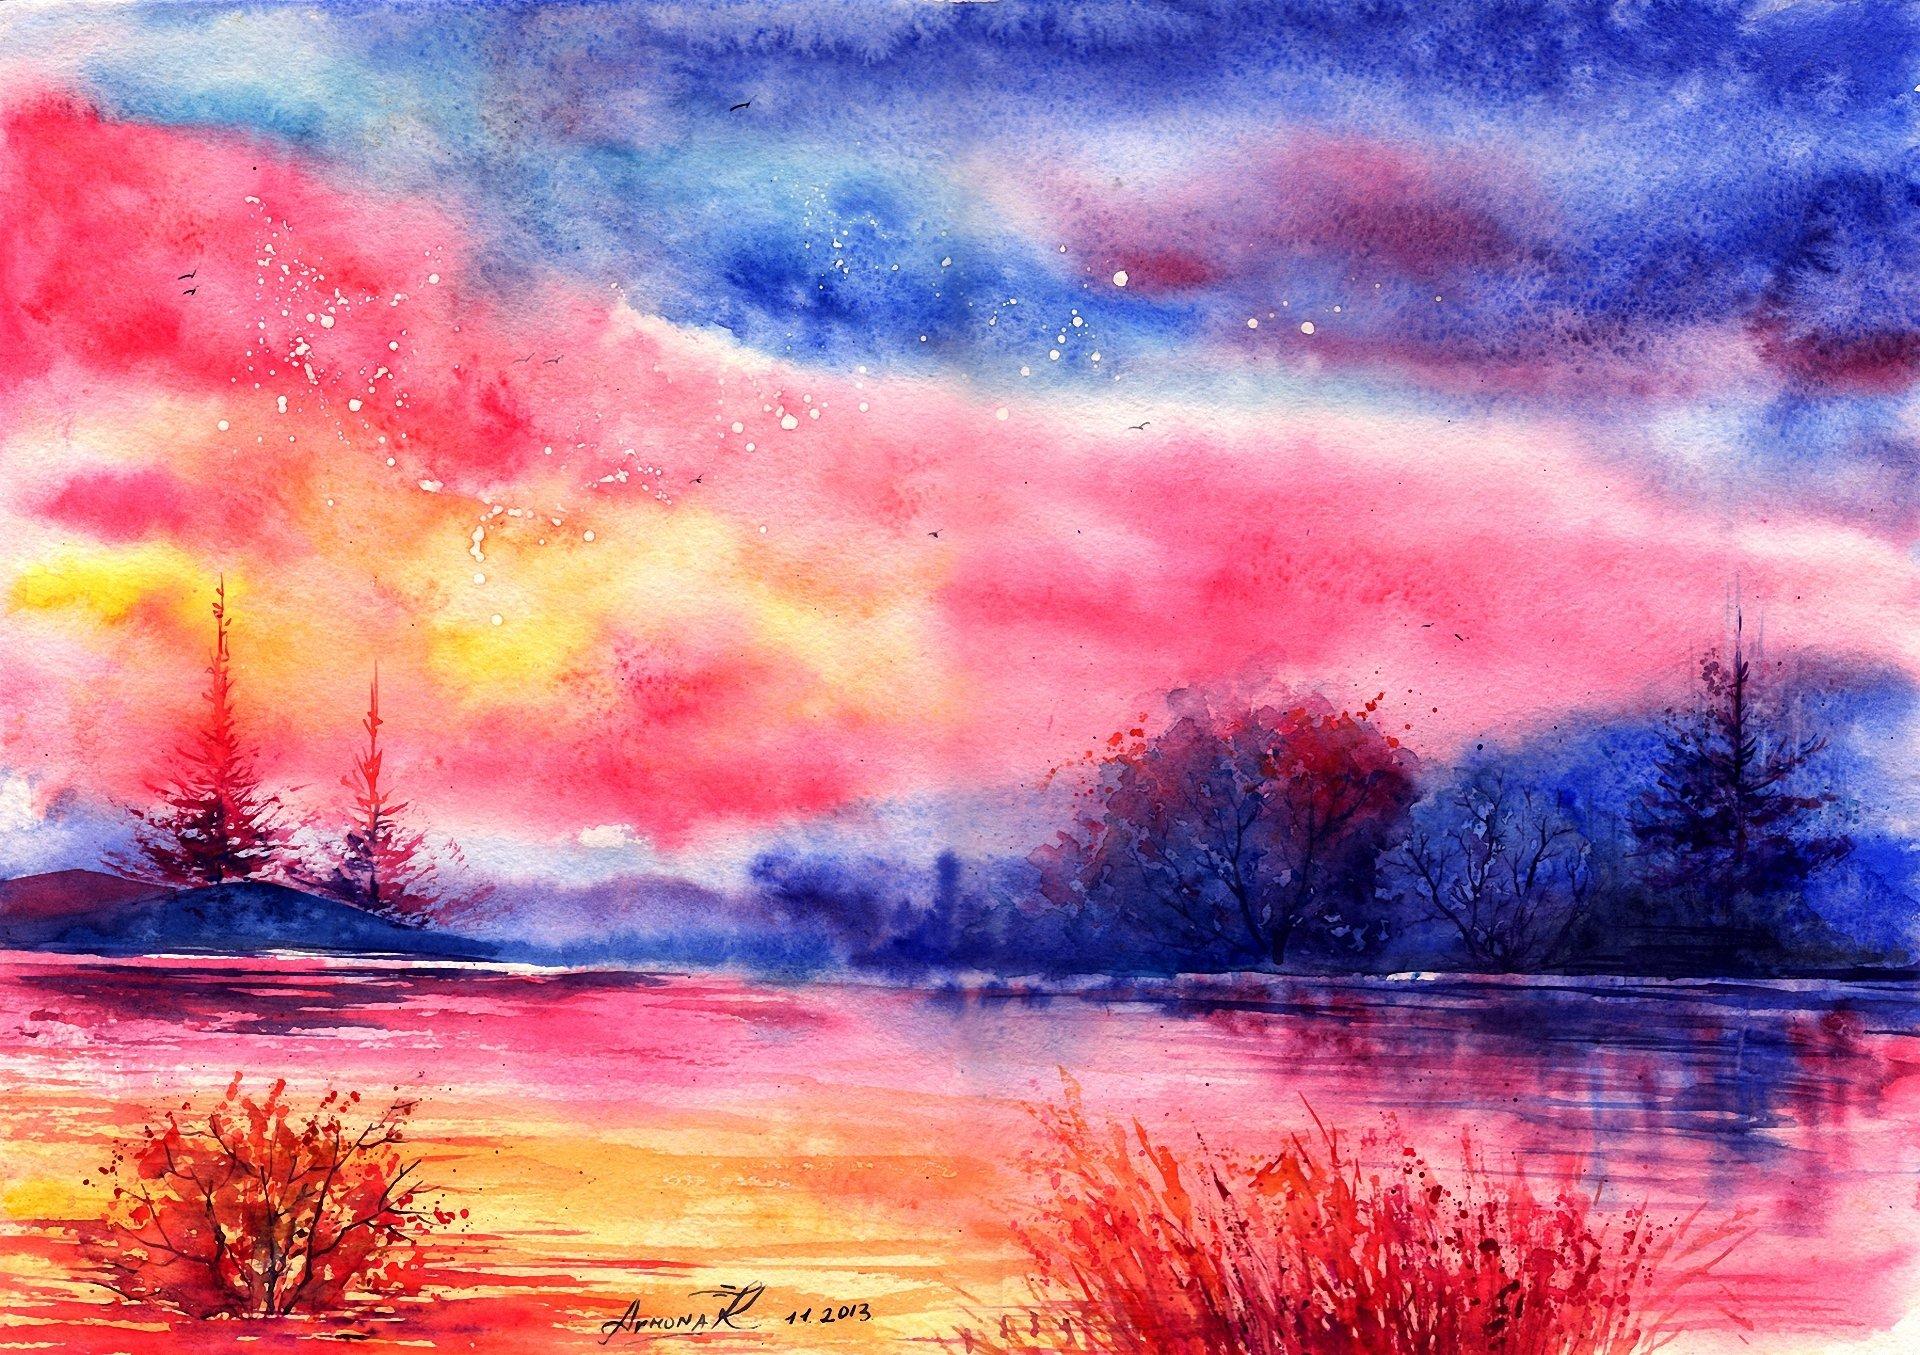 Пейзаж картинки нарисованные акварелью